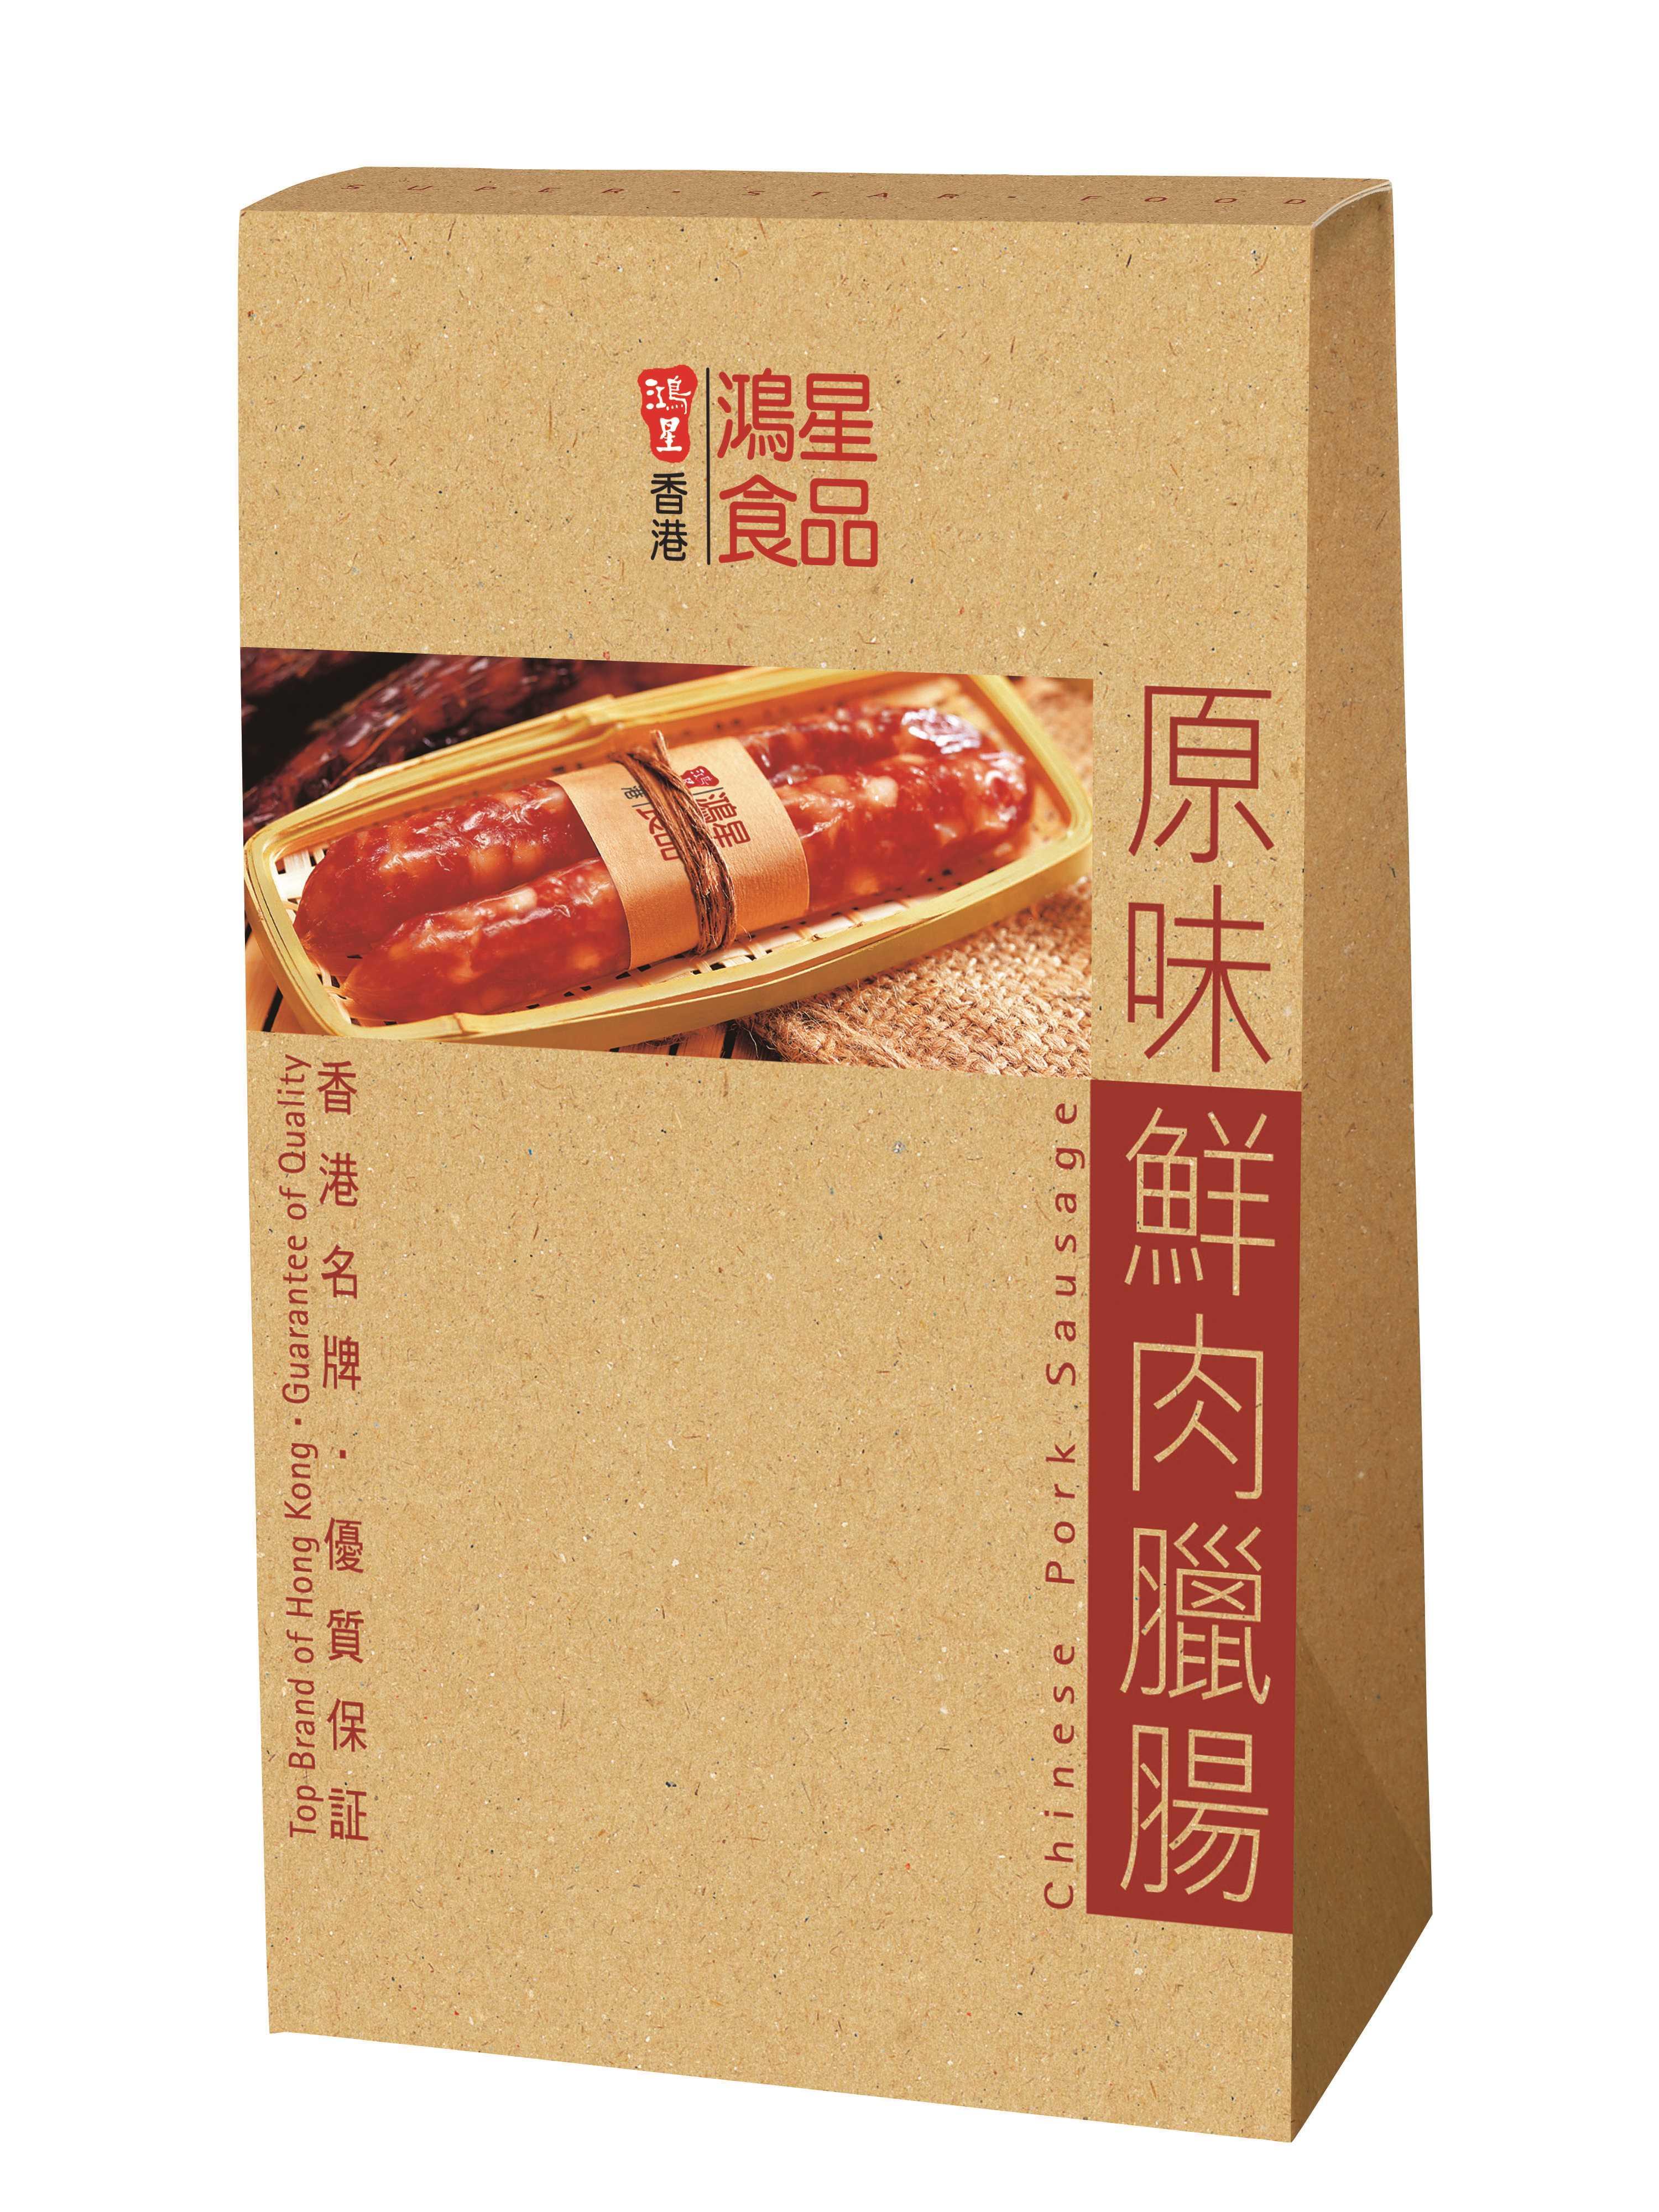 原味鮮肉臘腸12條